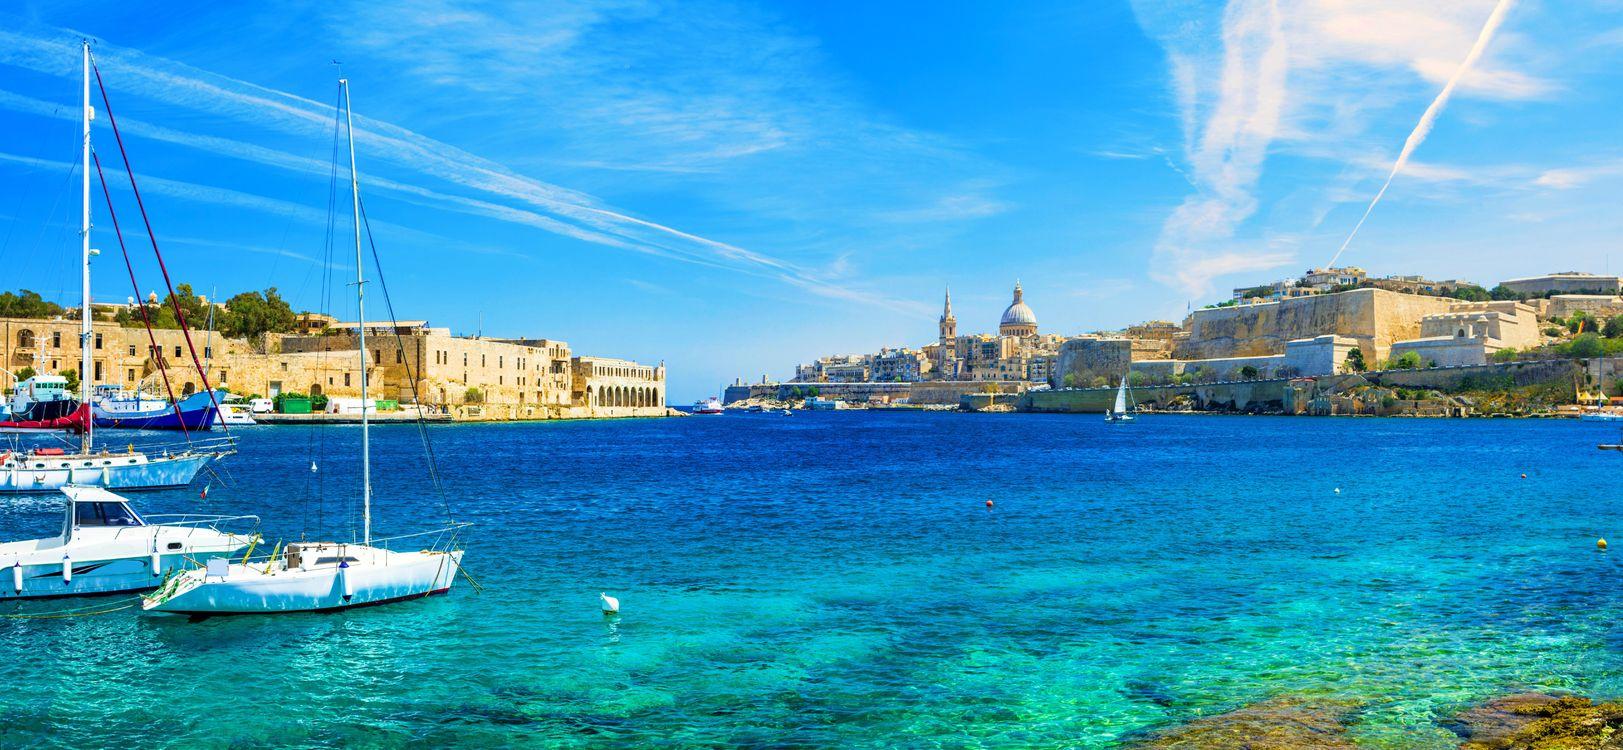 Фото бесплатно Мальта, Валлетта, море, яхты, город